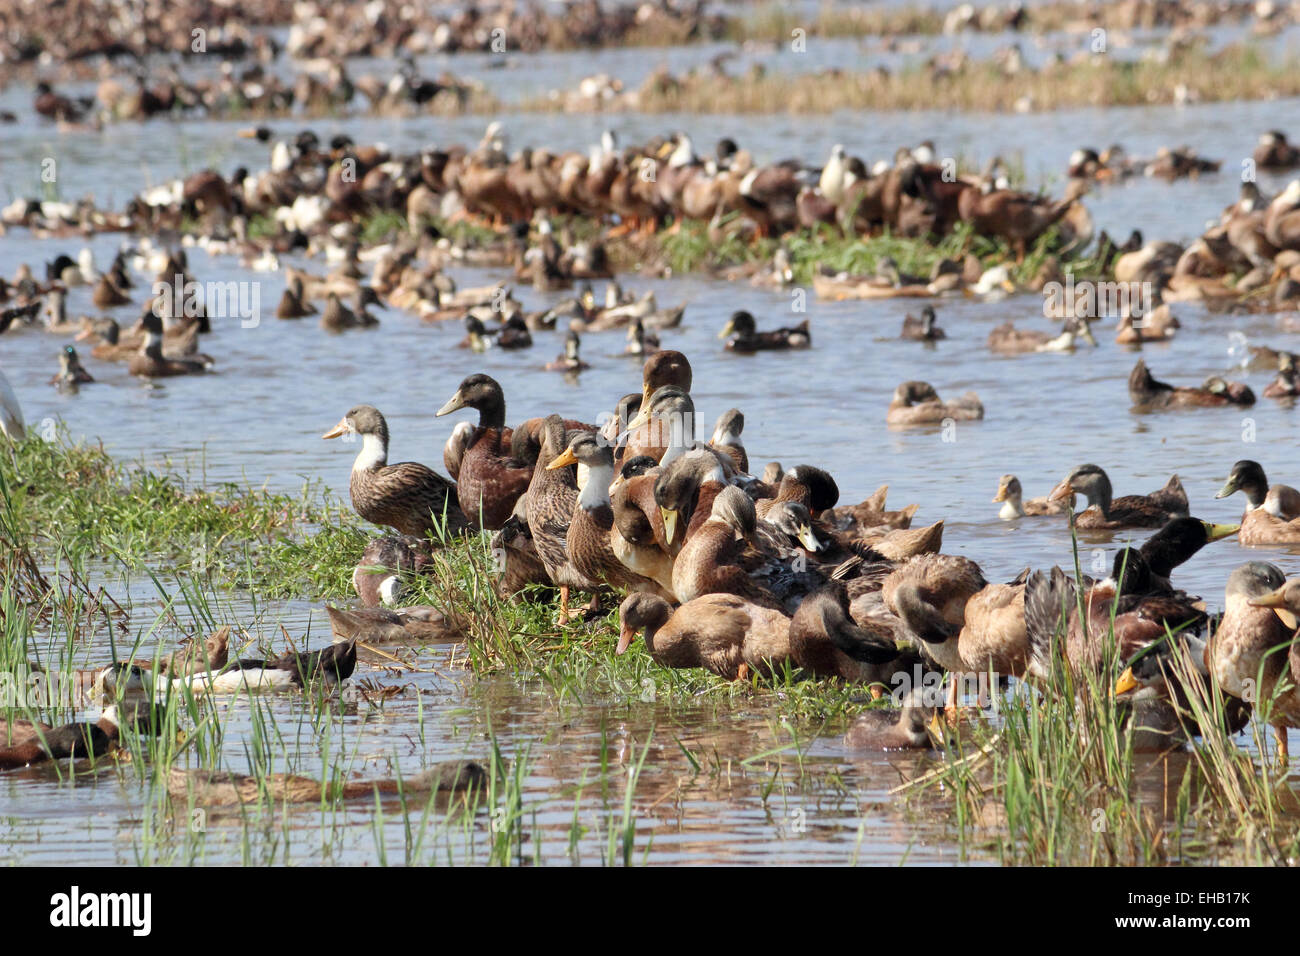 Ducks, kuttanad, Alappuzha, Kerala, India - Stock Image